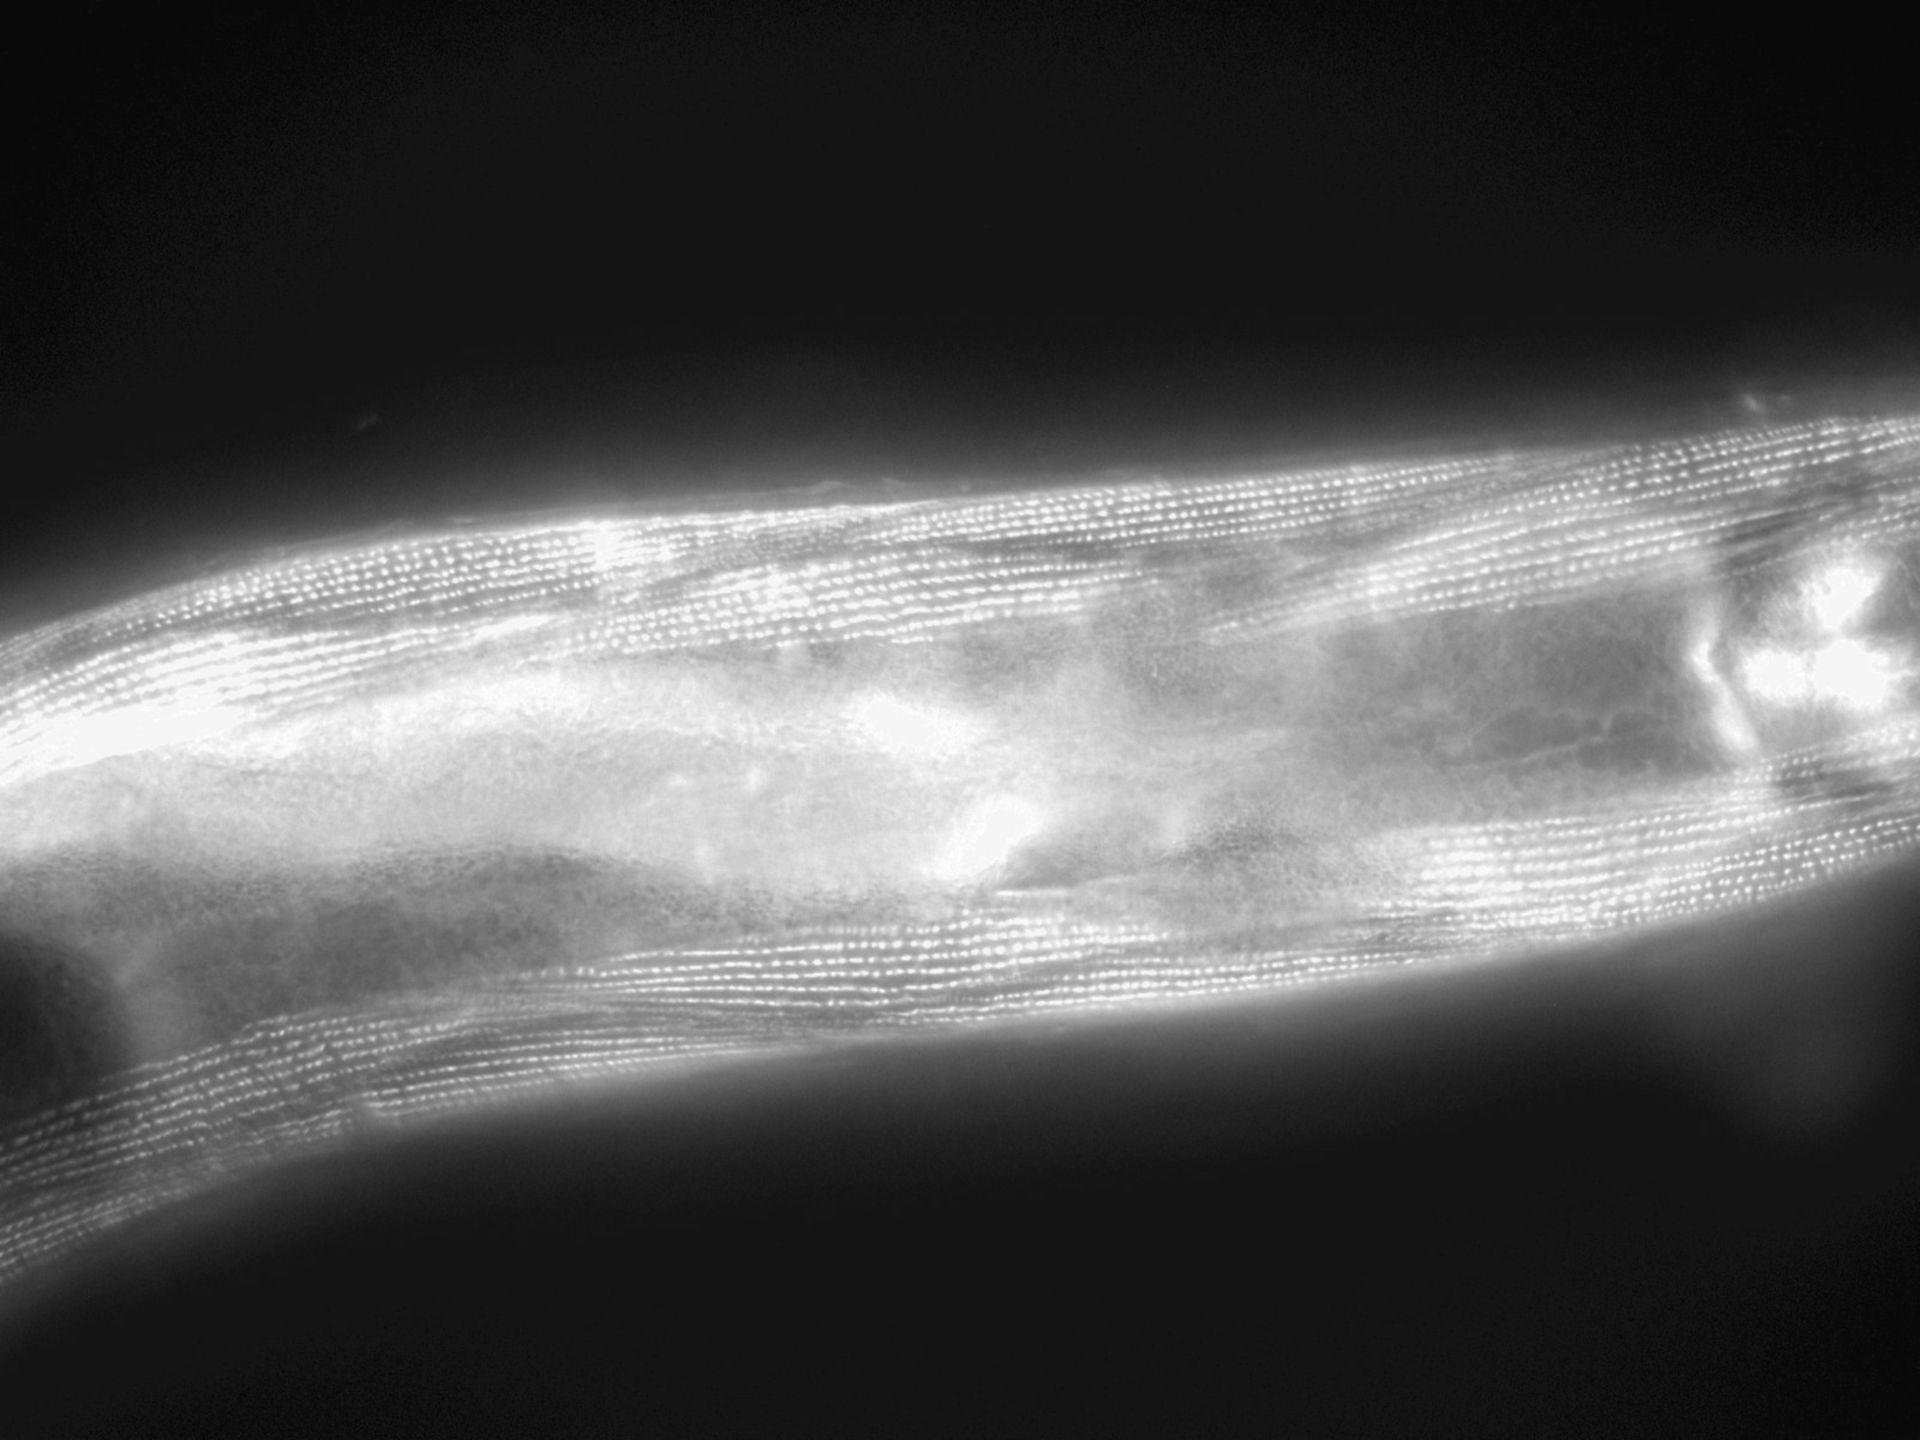 Caenorhabditis elegans (Actin filament) - CIL:1158